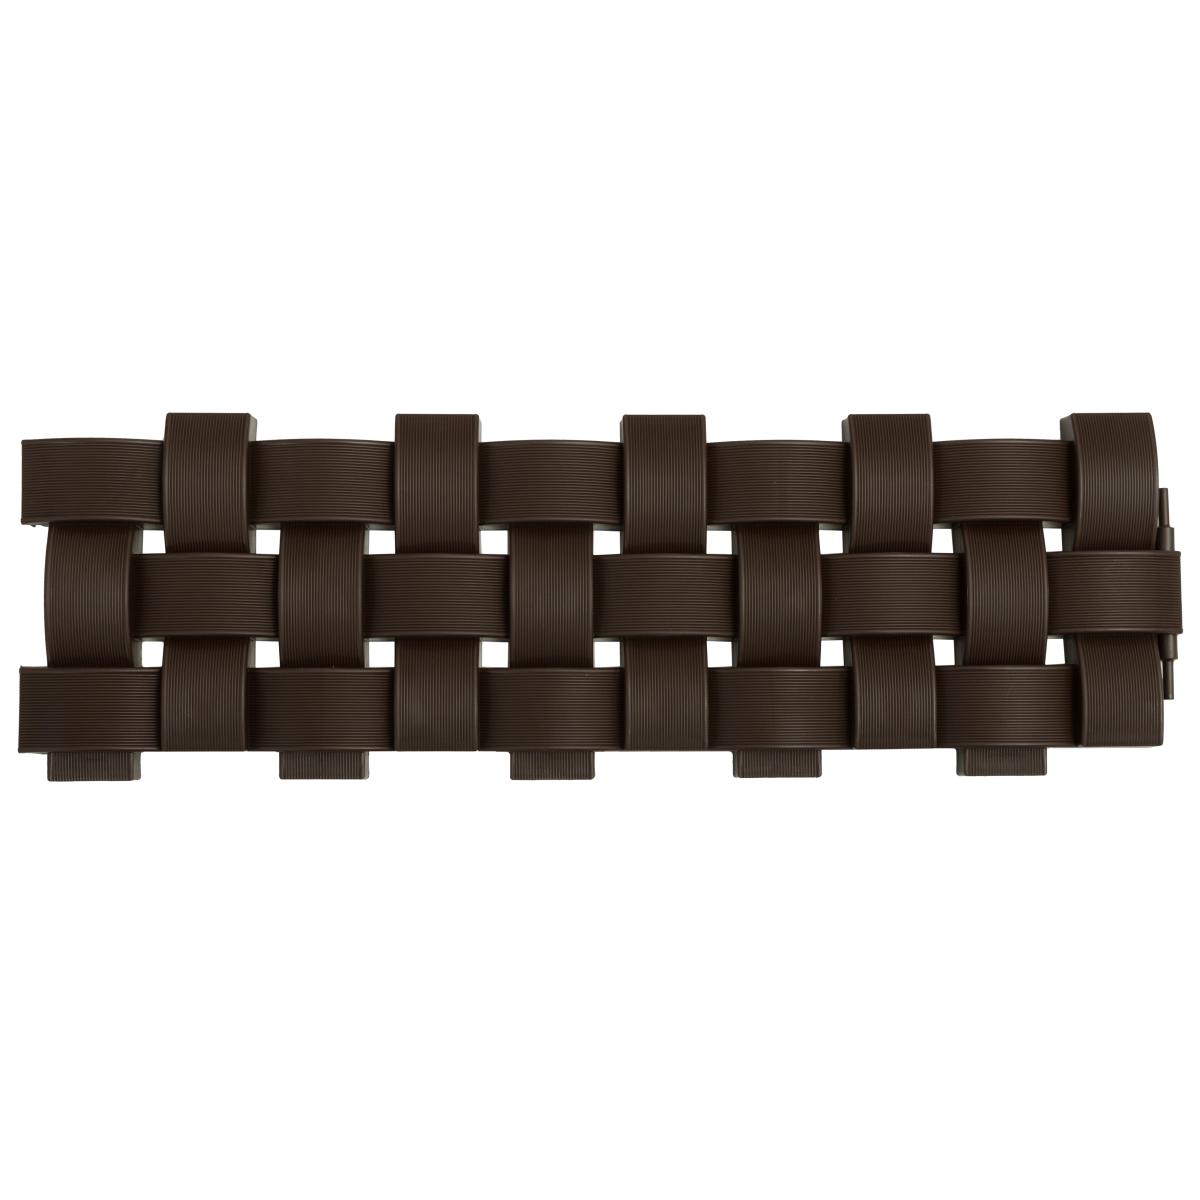 Ограждение Плетенка цвет коричневый 2.4 м